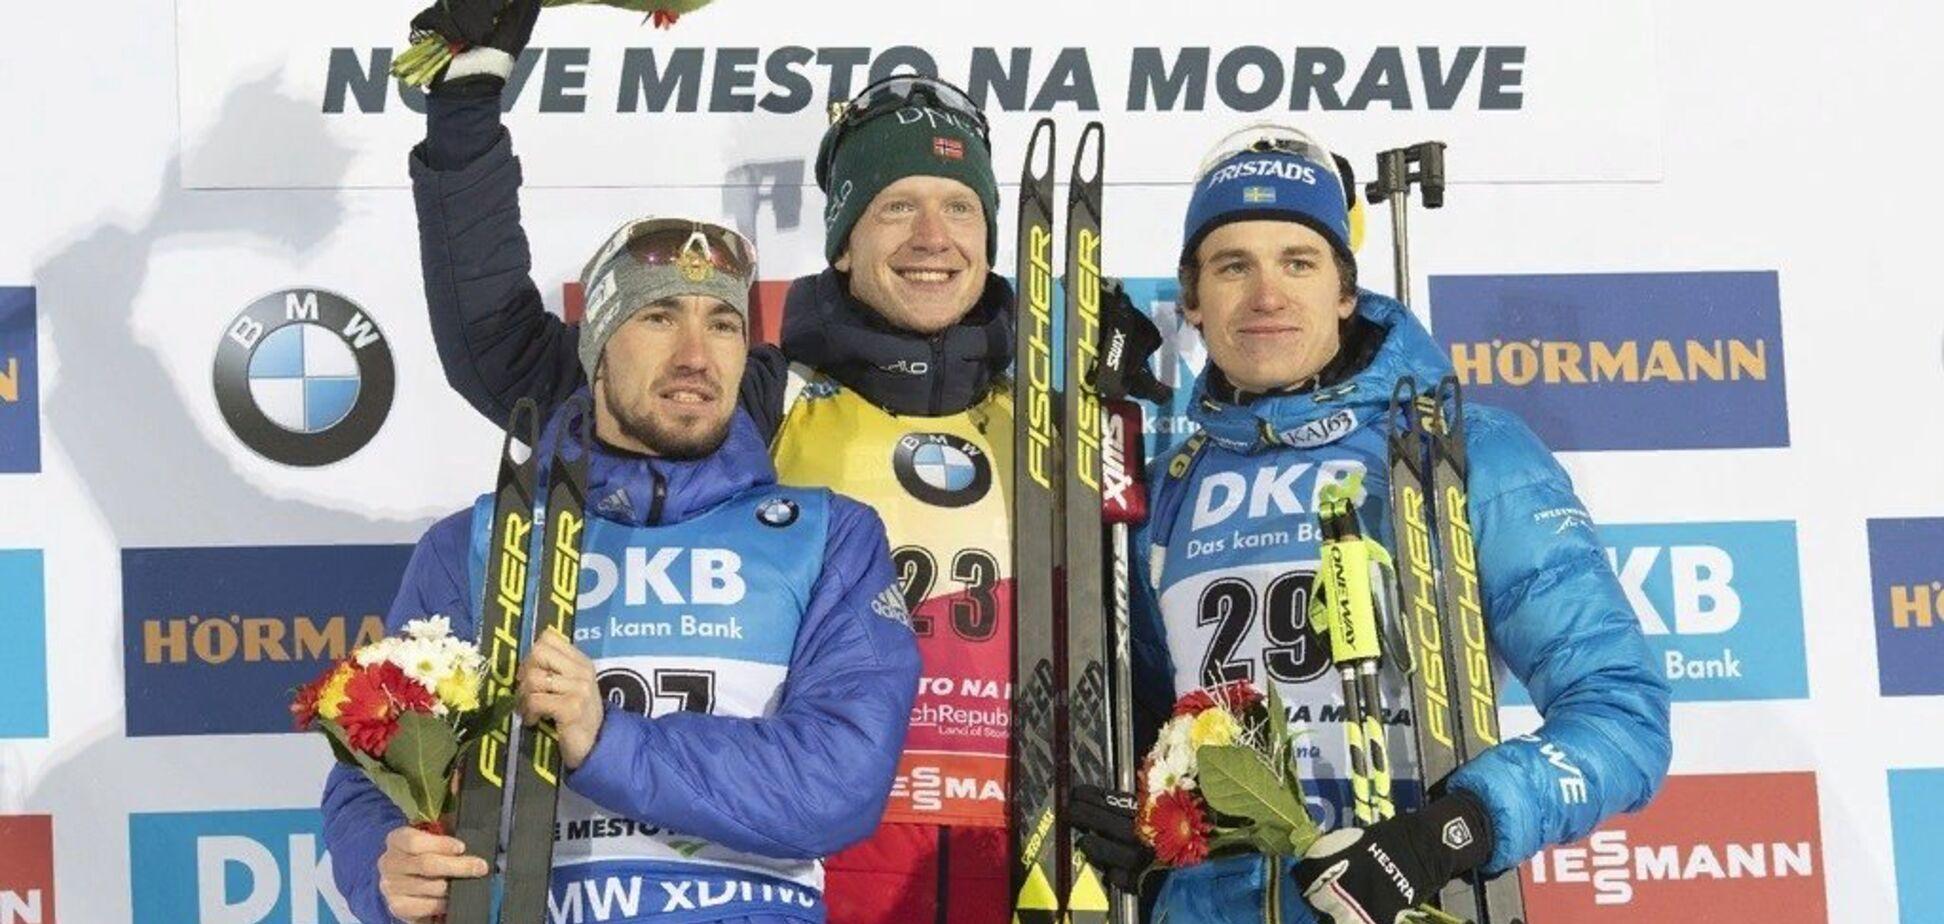 'Тяжело видеть': норвежские биатлонисты 'наехали' на допингиста из РФ